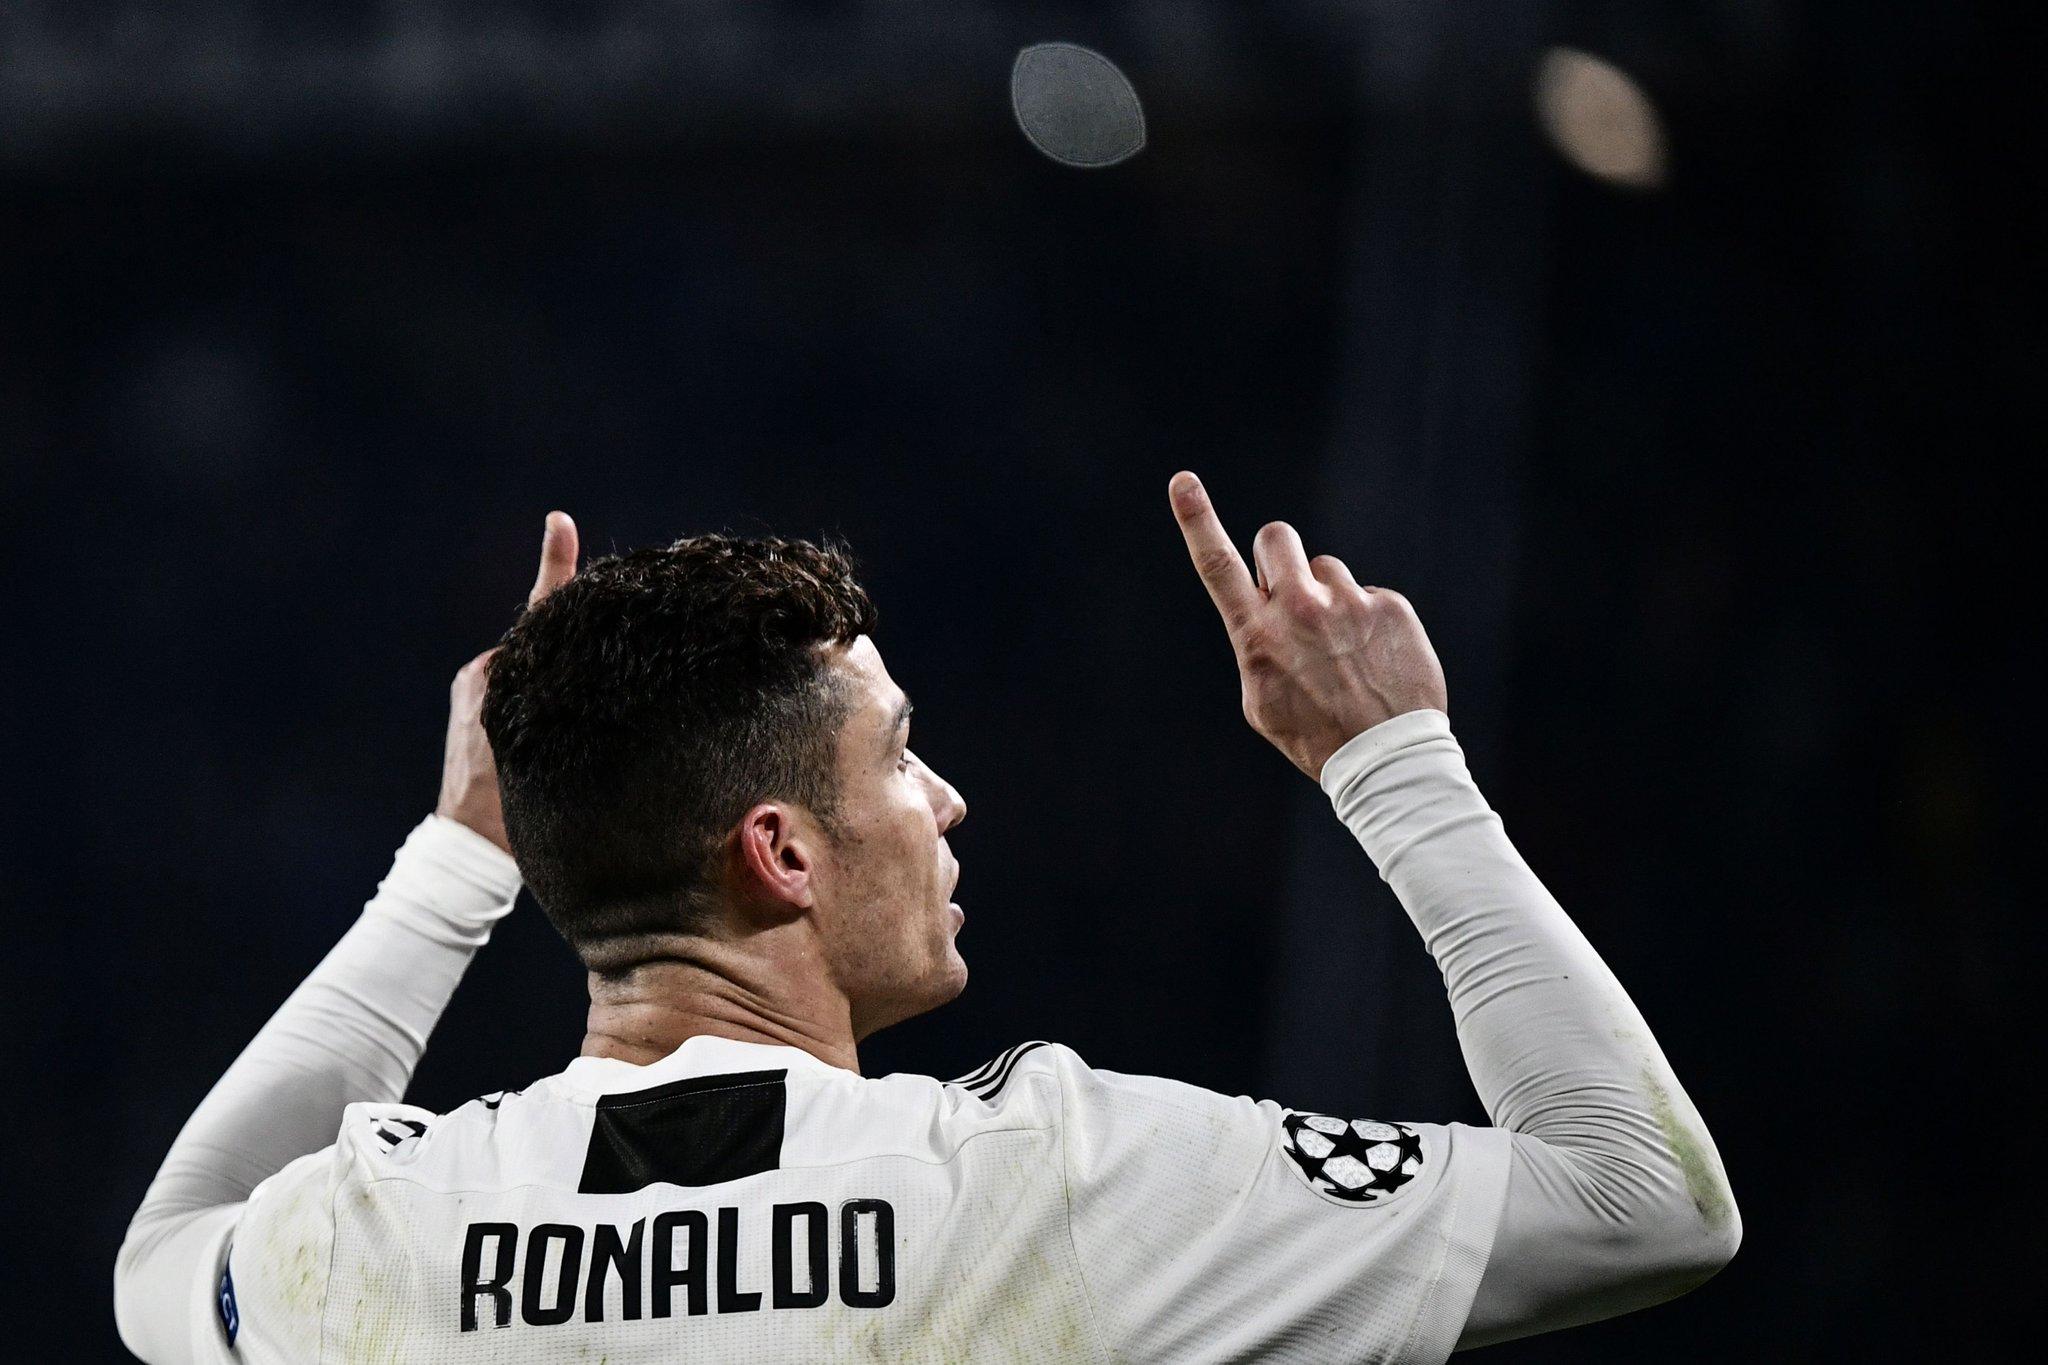 هدف كريستيانو رونالدو في مرمى أياكس - دوري أبطال أوروبا